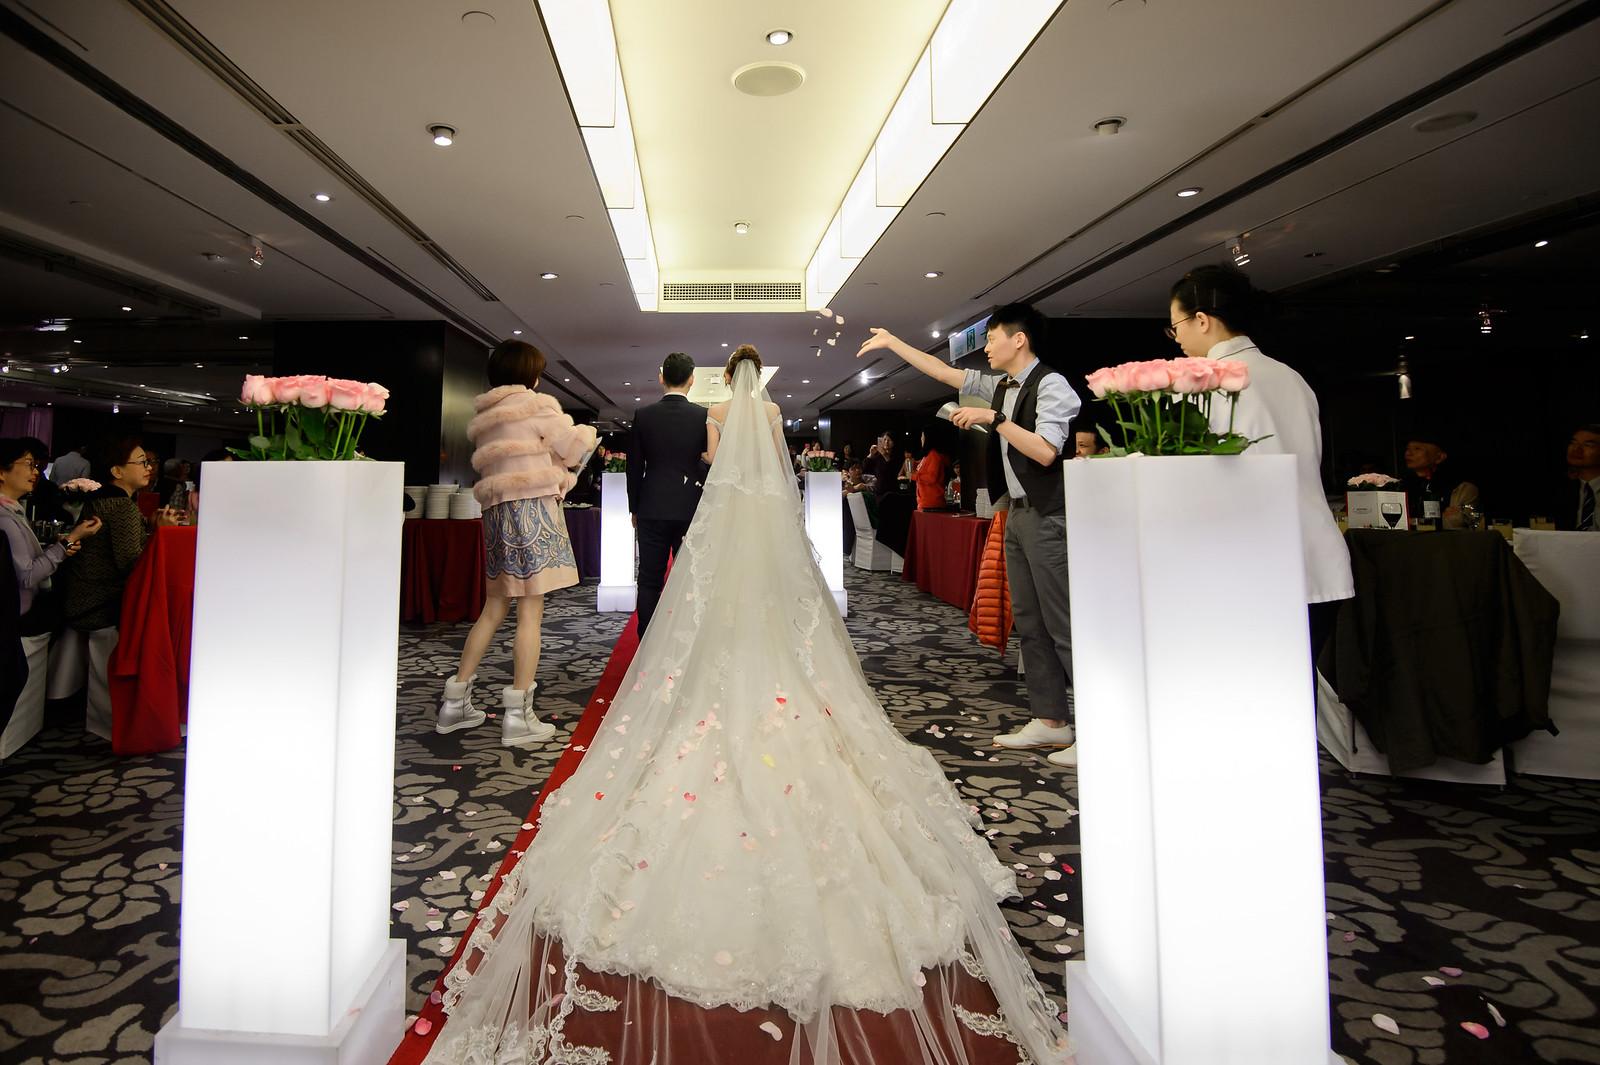 台北婚攝, 婚禮攝影, 婚攝, 婚攝守恆, 婚攝推薦, 晶華酒店, 晶華酒店婚宴, 晶華酒店婚攝-73